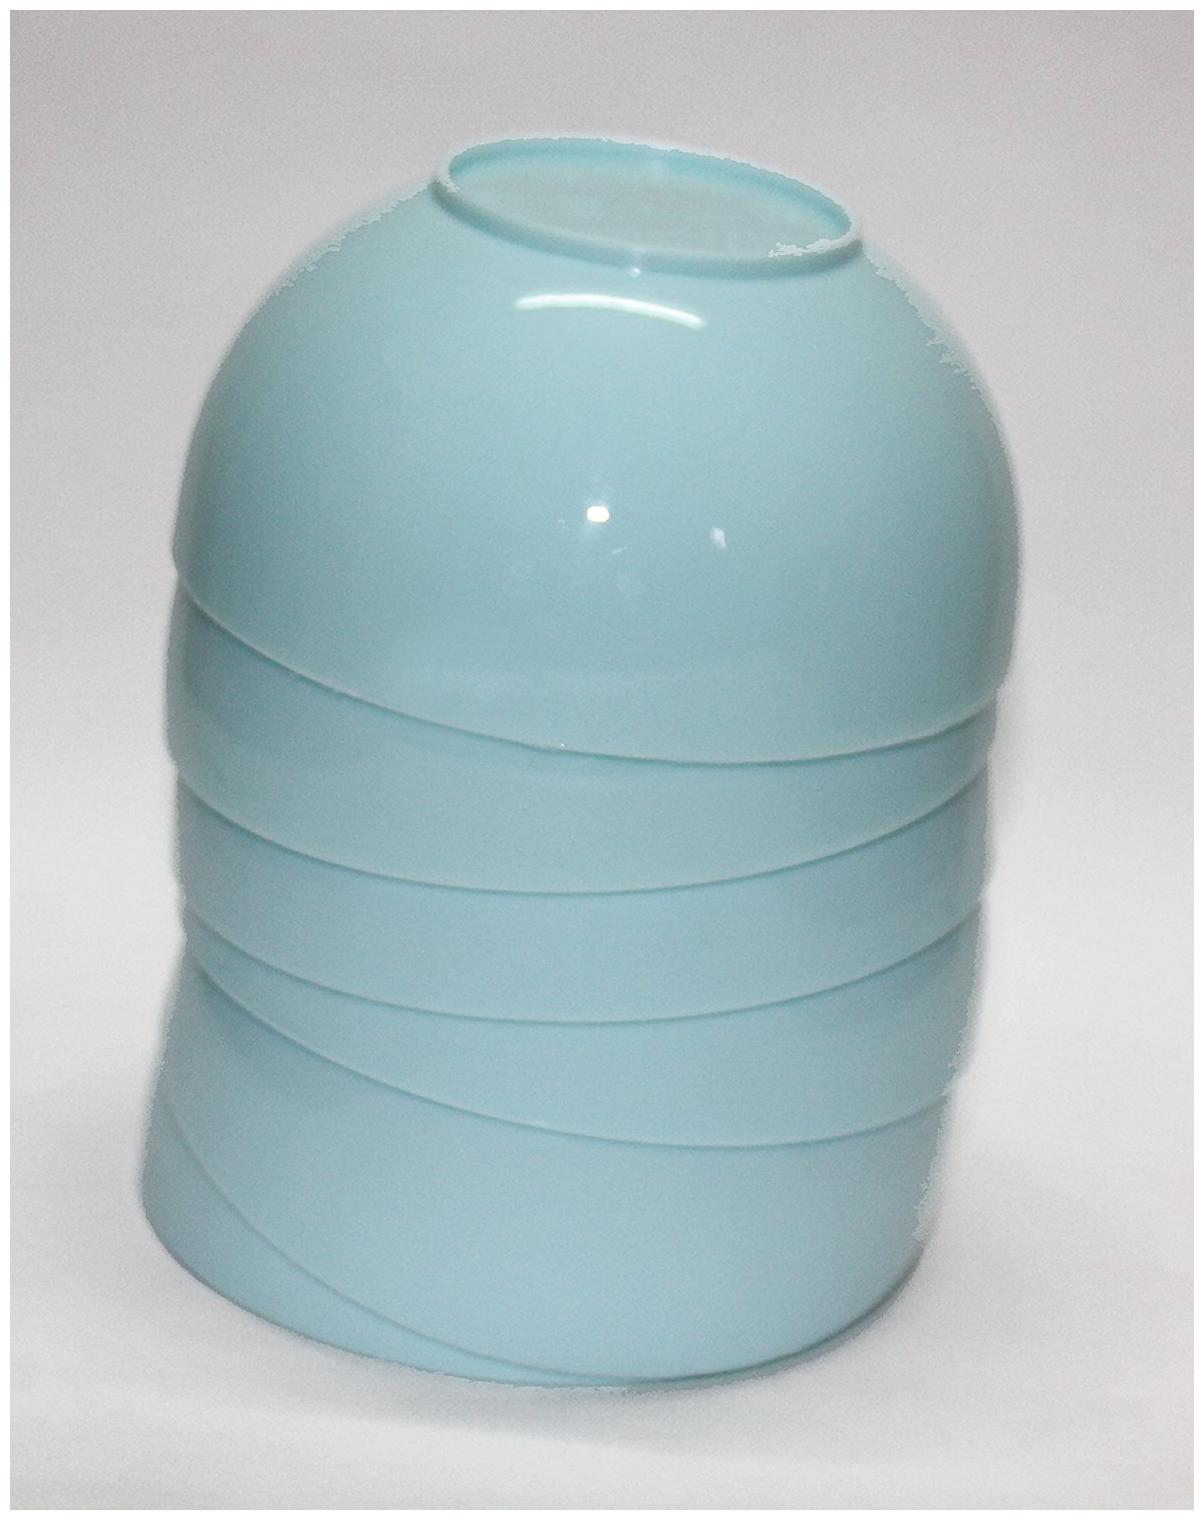 EVERBUY Plastic Round Shape Soup Bowls Set OF 6 BLUE